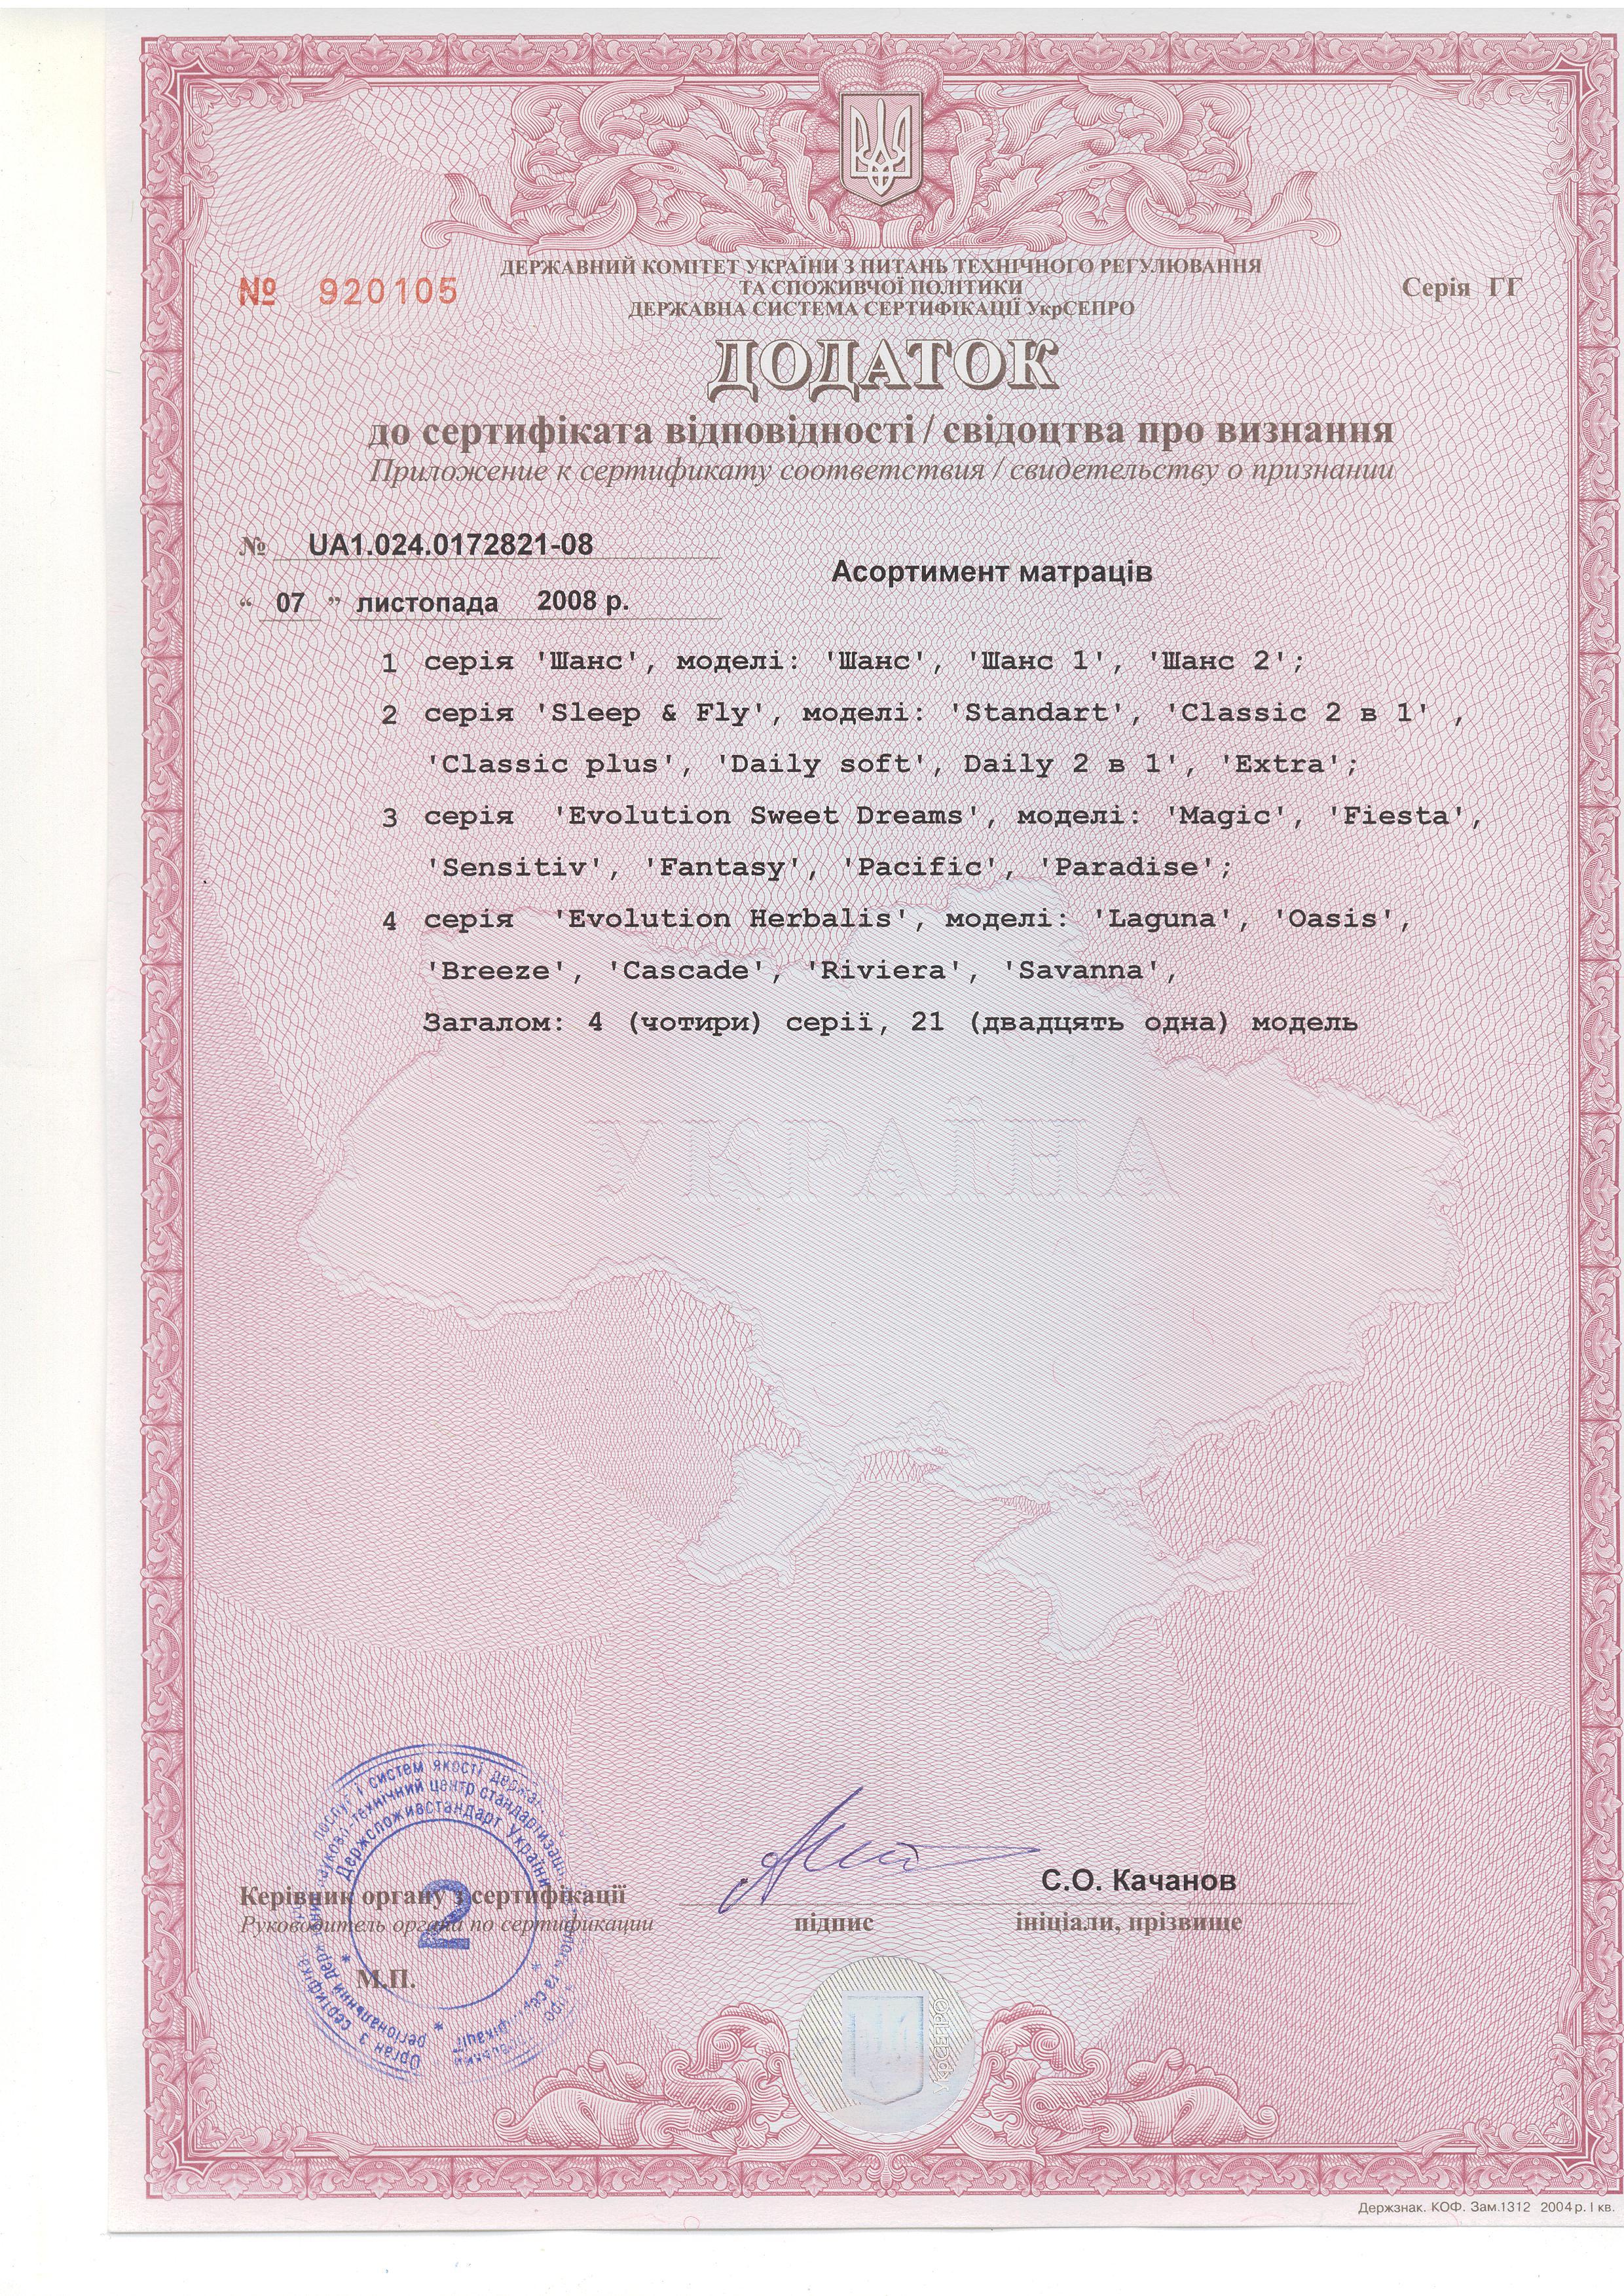 Дополнение 3 к Сертификату соответствия на пружинные матрасы.